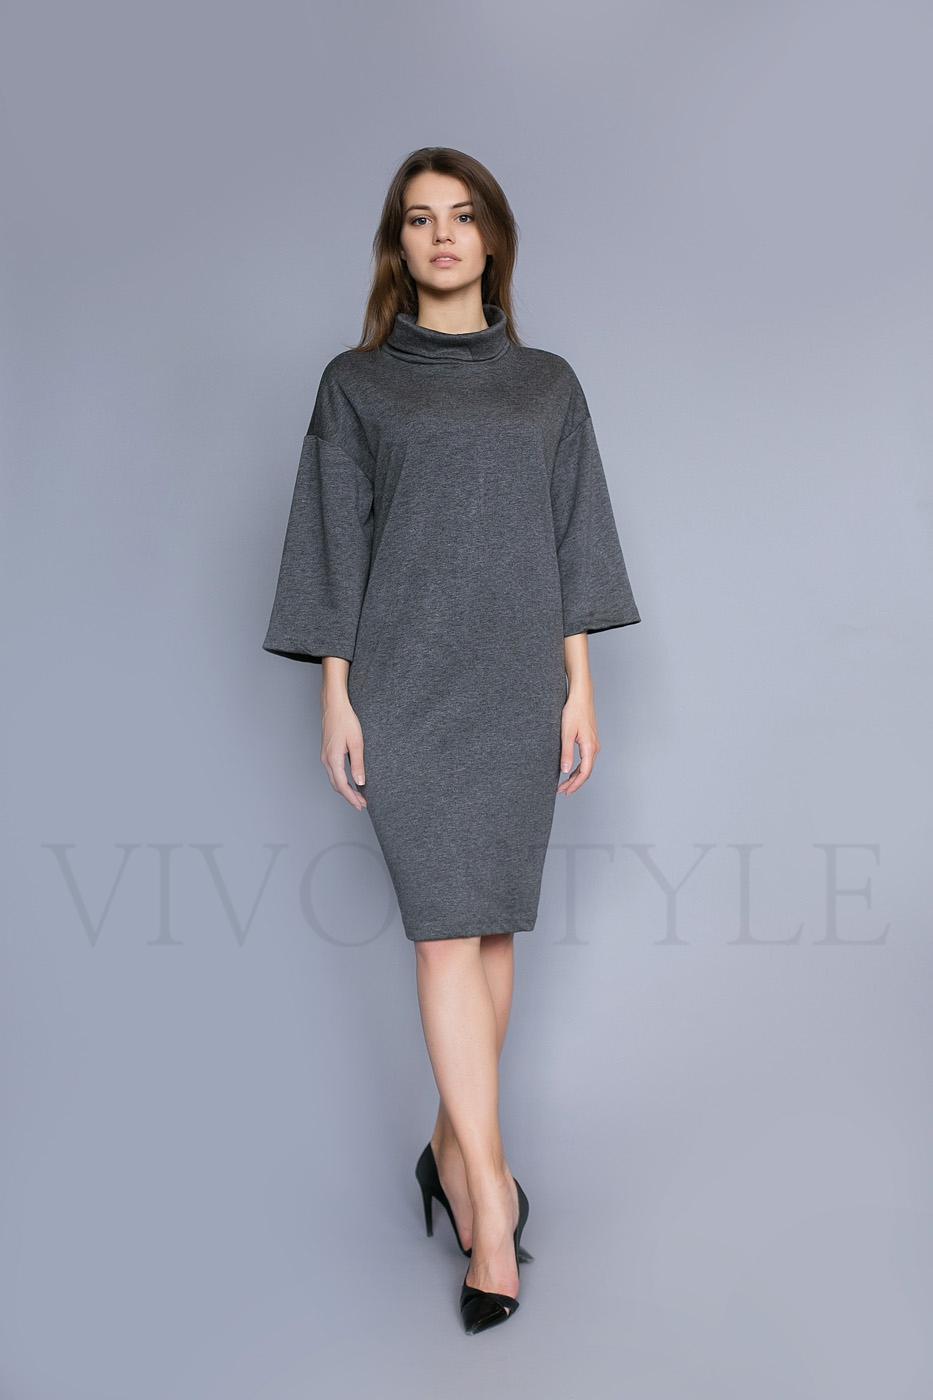 Объемное женское платье со спущенным плечом